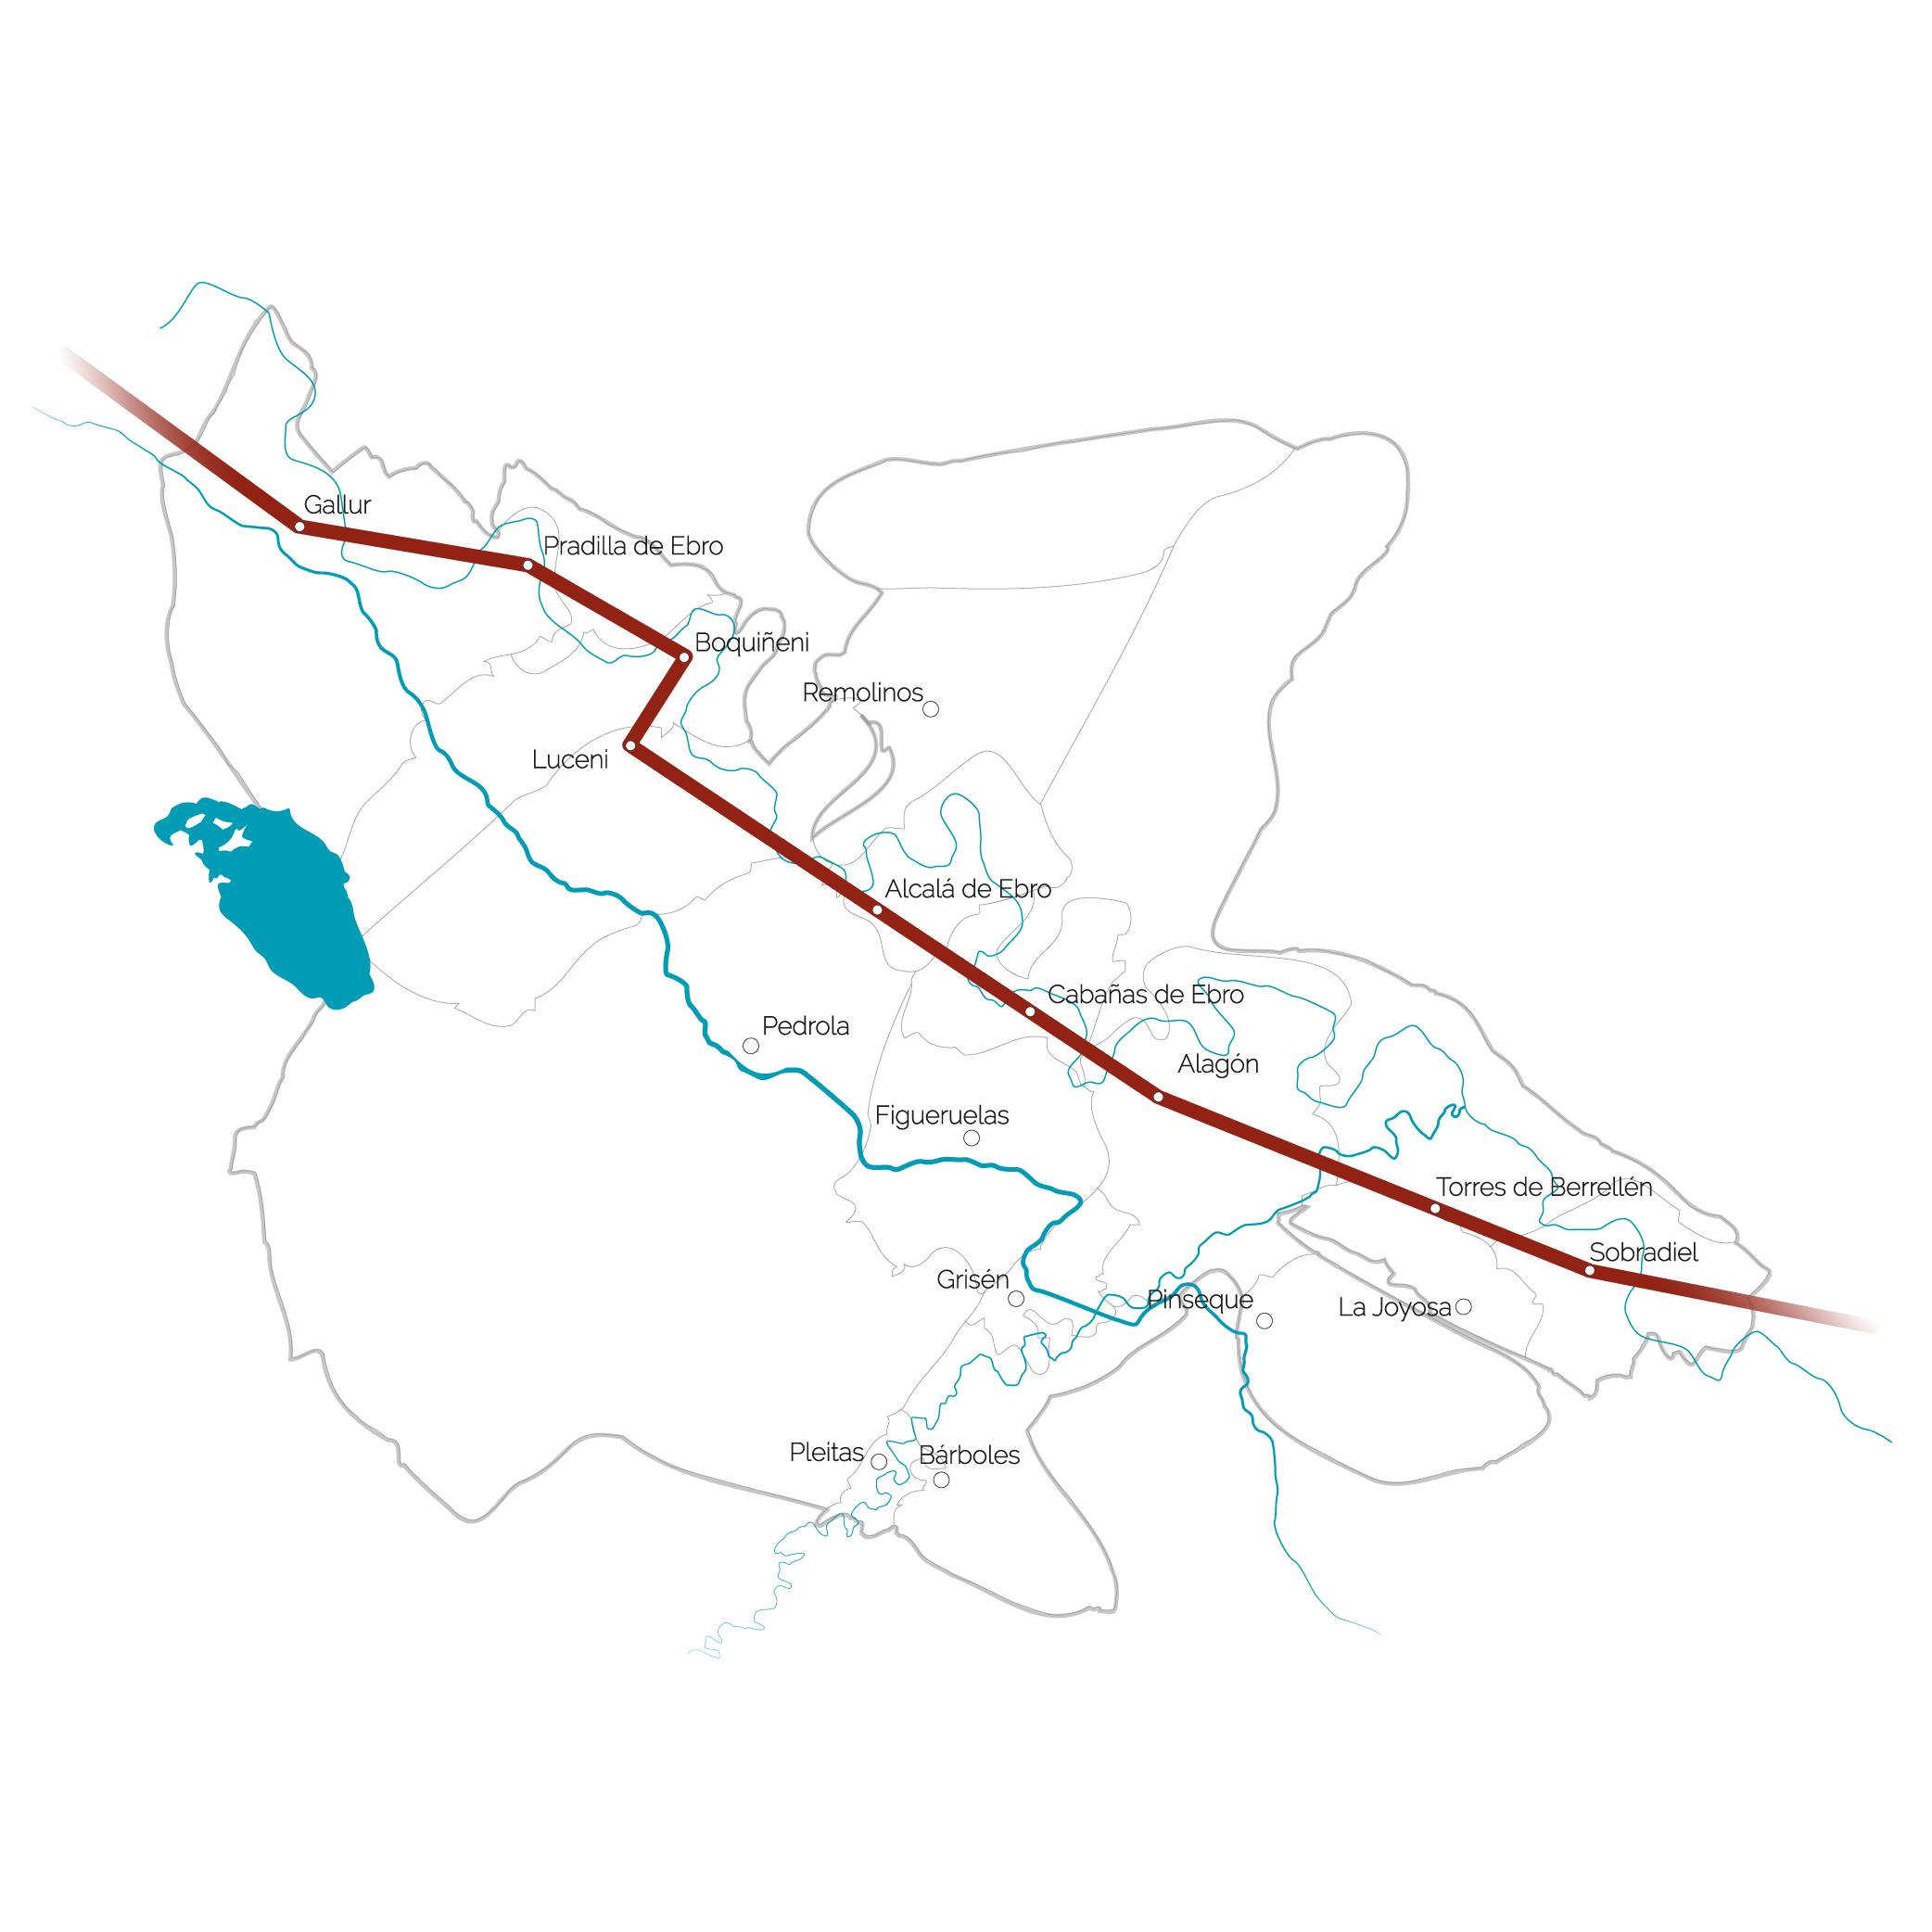 mapa de la comarca con ruta del GR marcada